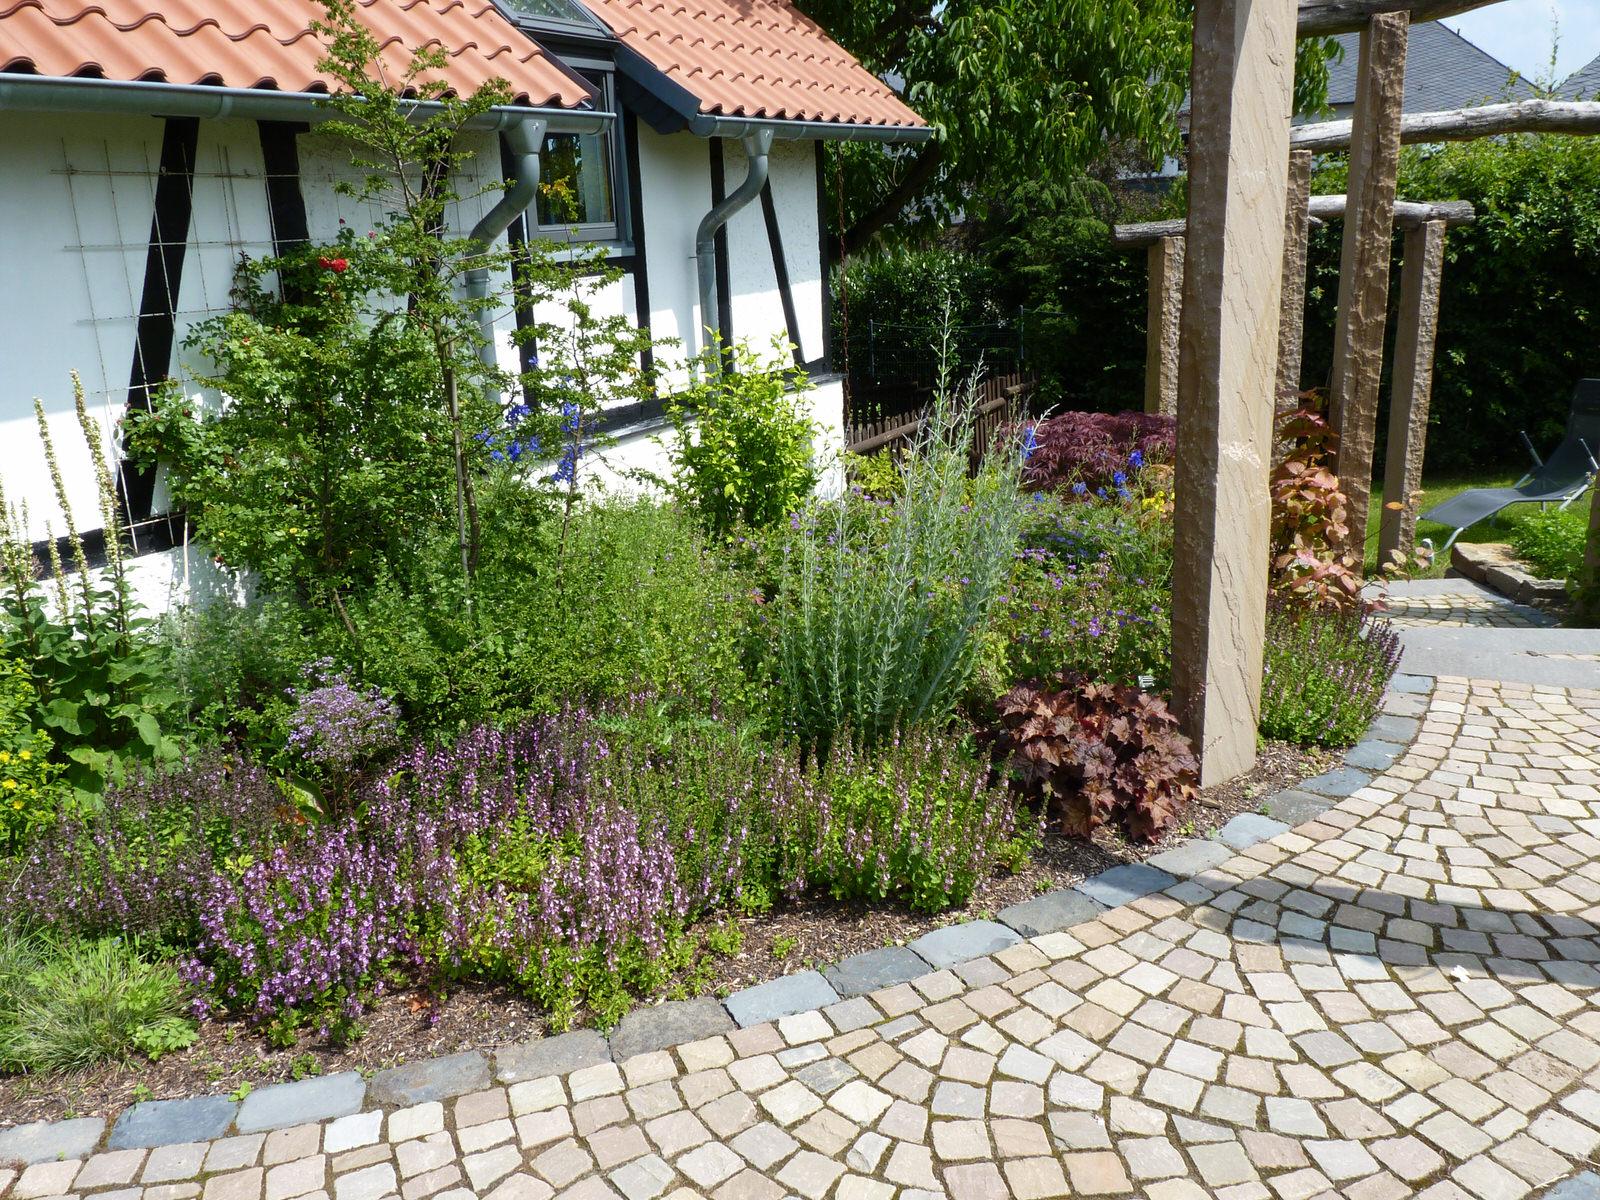 Landhaus garten landhausg rten salamon gartengestaltung for Gartengestaltung landhaus